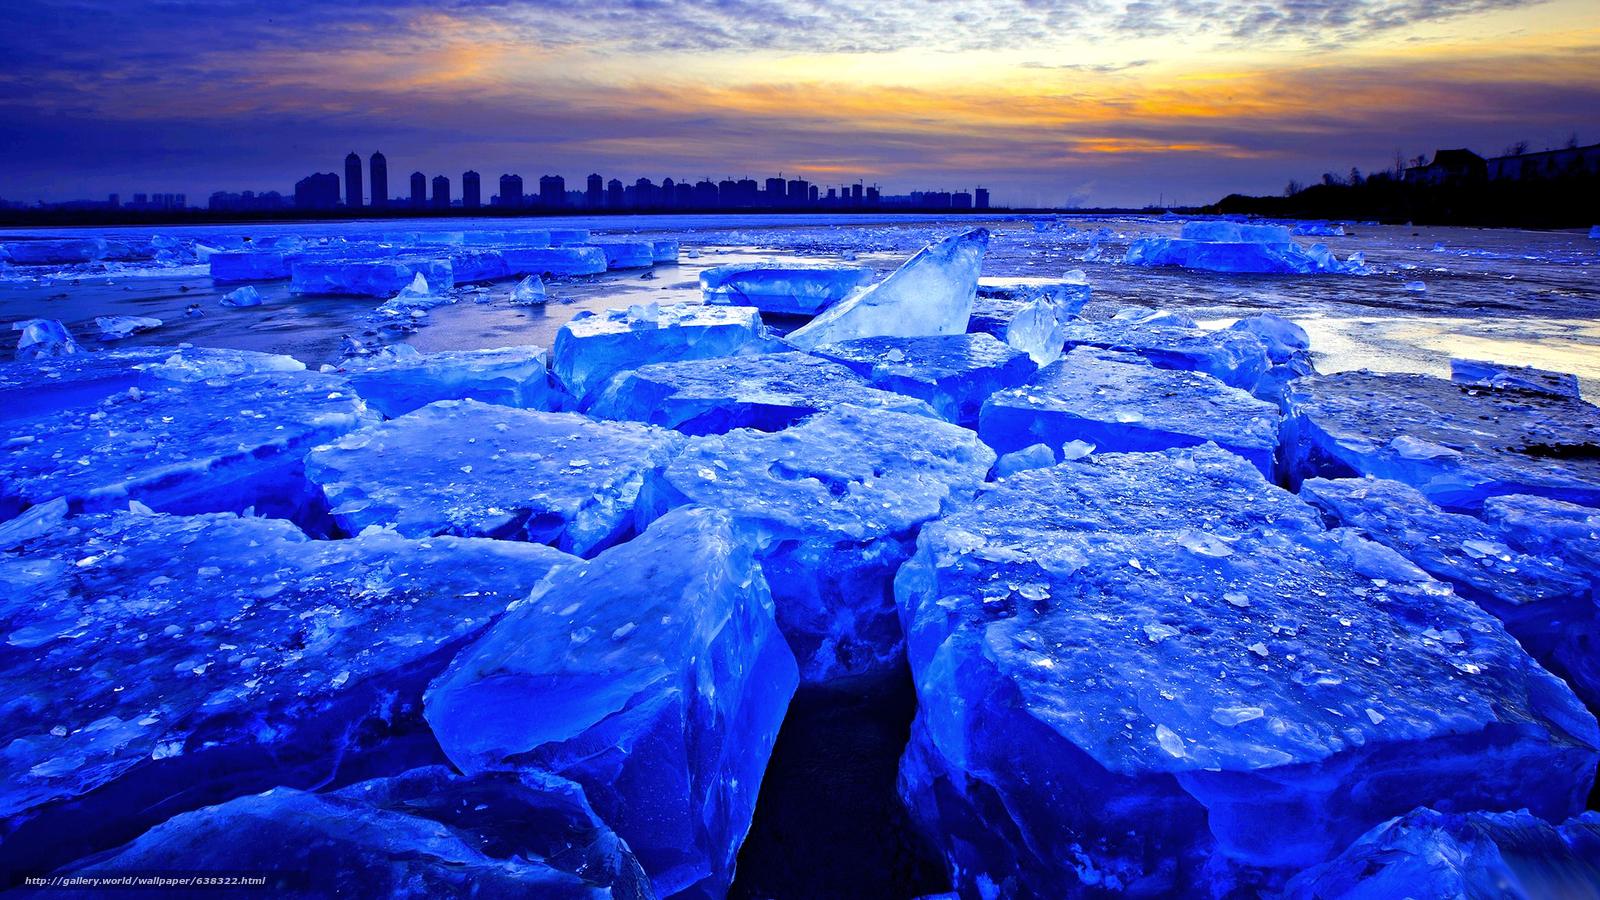 Скачать обои лёд,  ледник,  льдины,  зима бесплатно для рабочего стола в разрешении 2048x1152 — картинка №638322